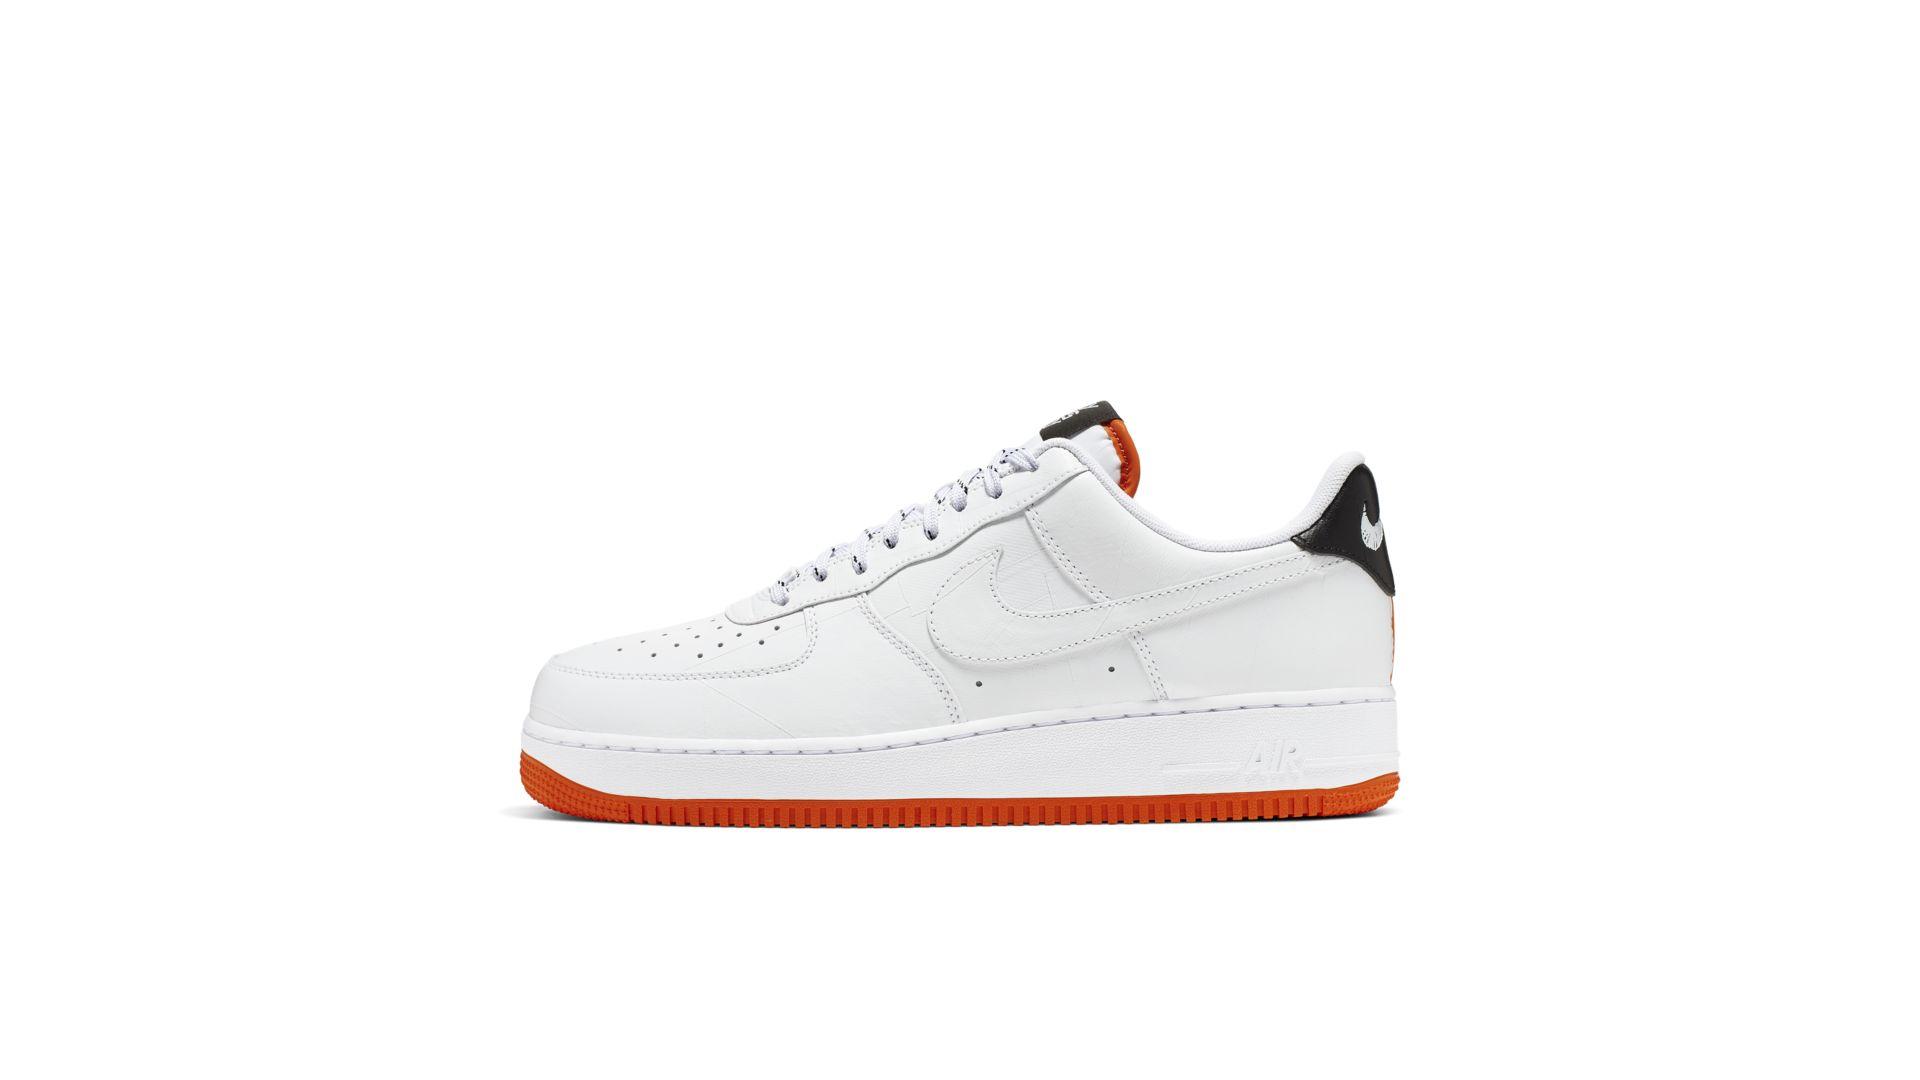 Nike Air Force 1 Low NY vs NY Pack (CJ5848-100)